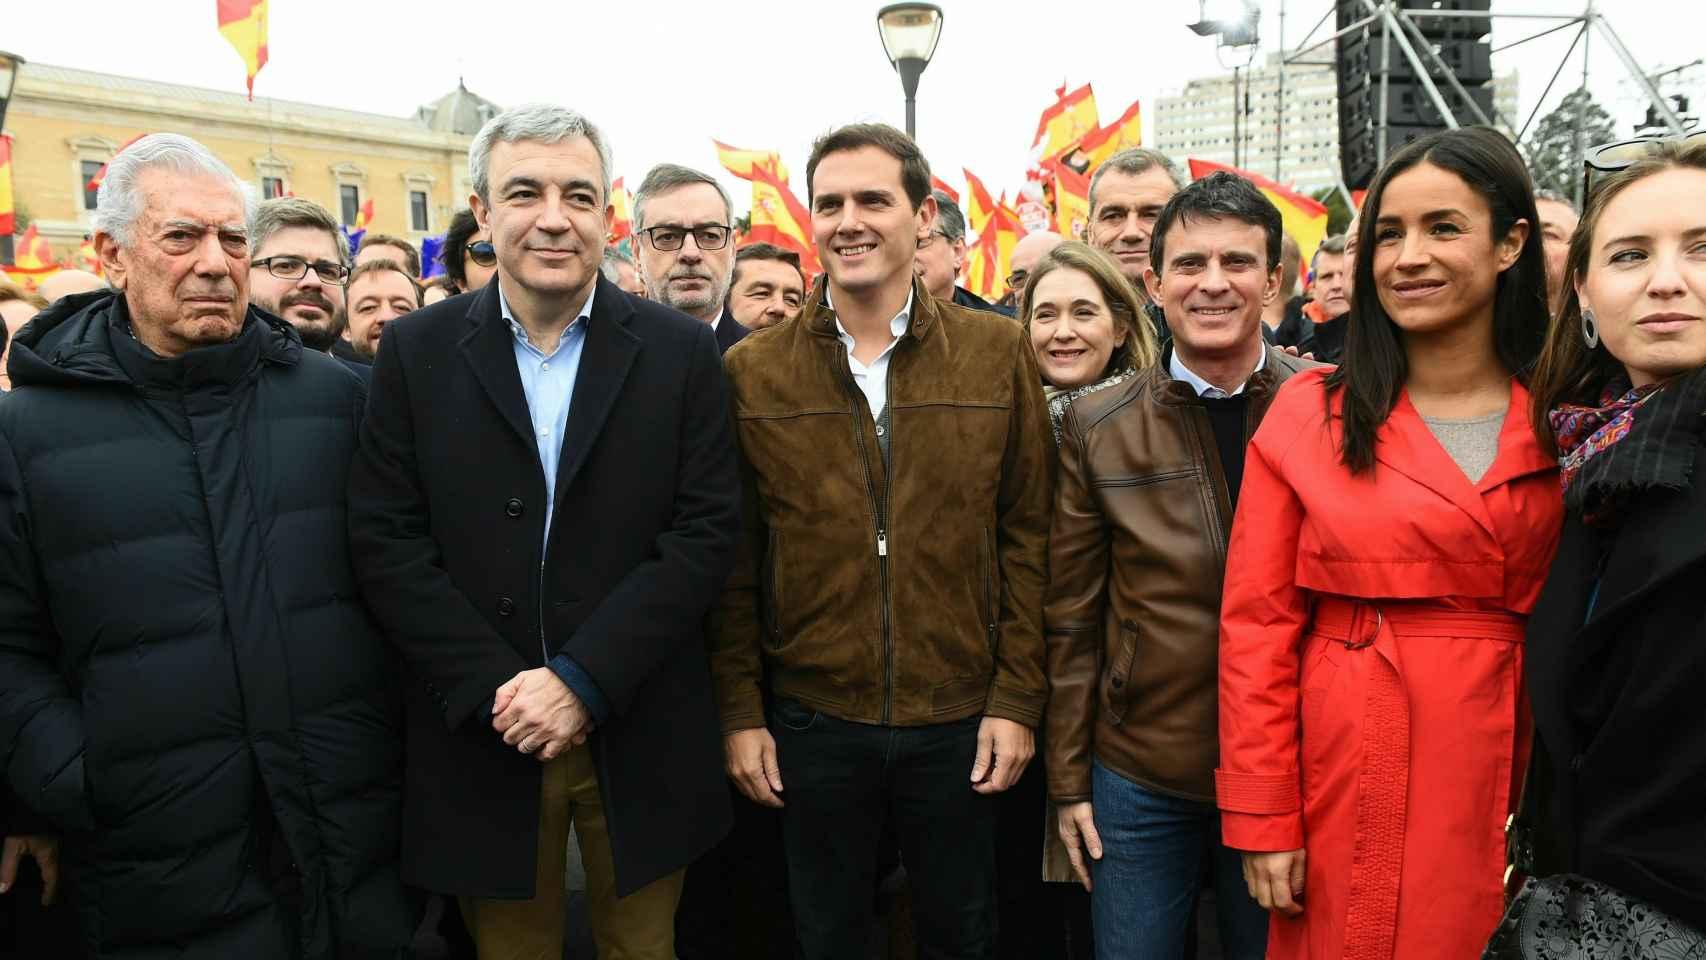 Manuel Valls, junto a Rivera, Villacís, Garicano y Vargas Llosa, en la concentración.